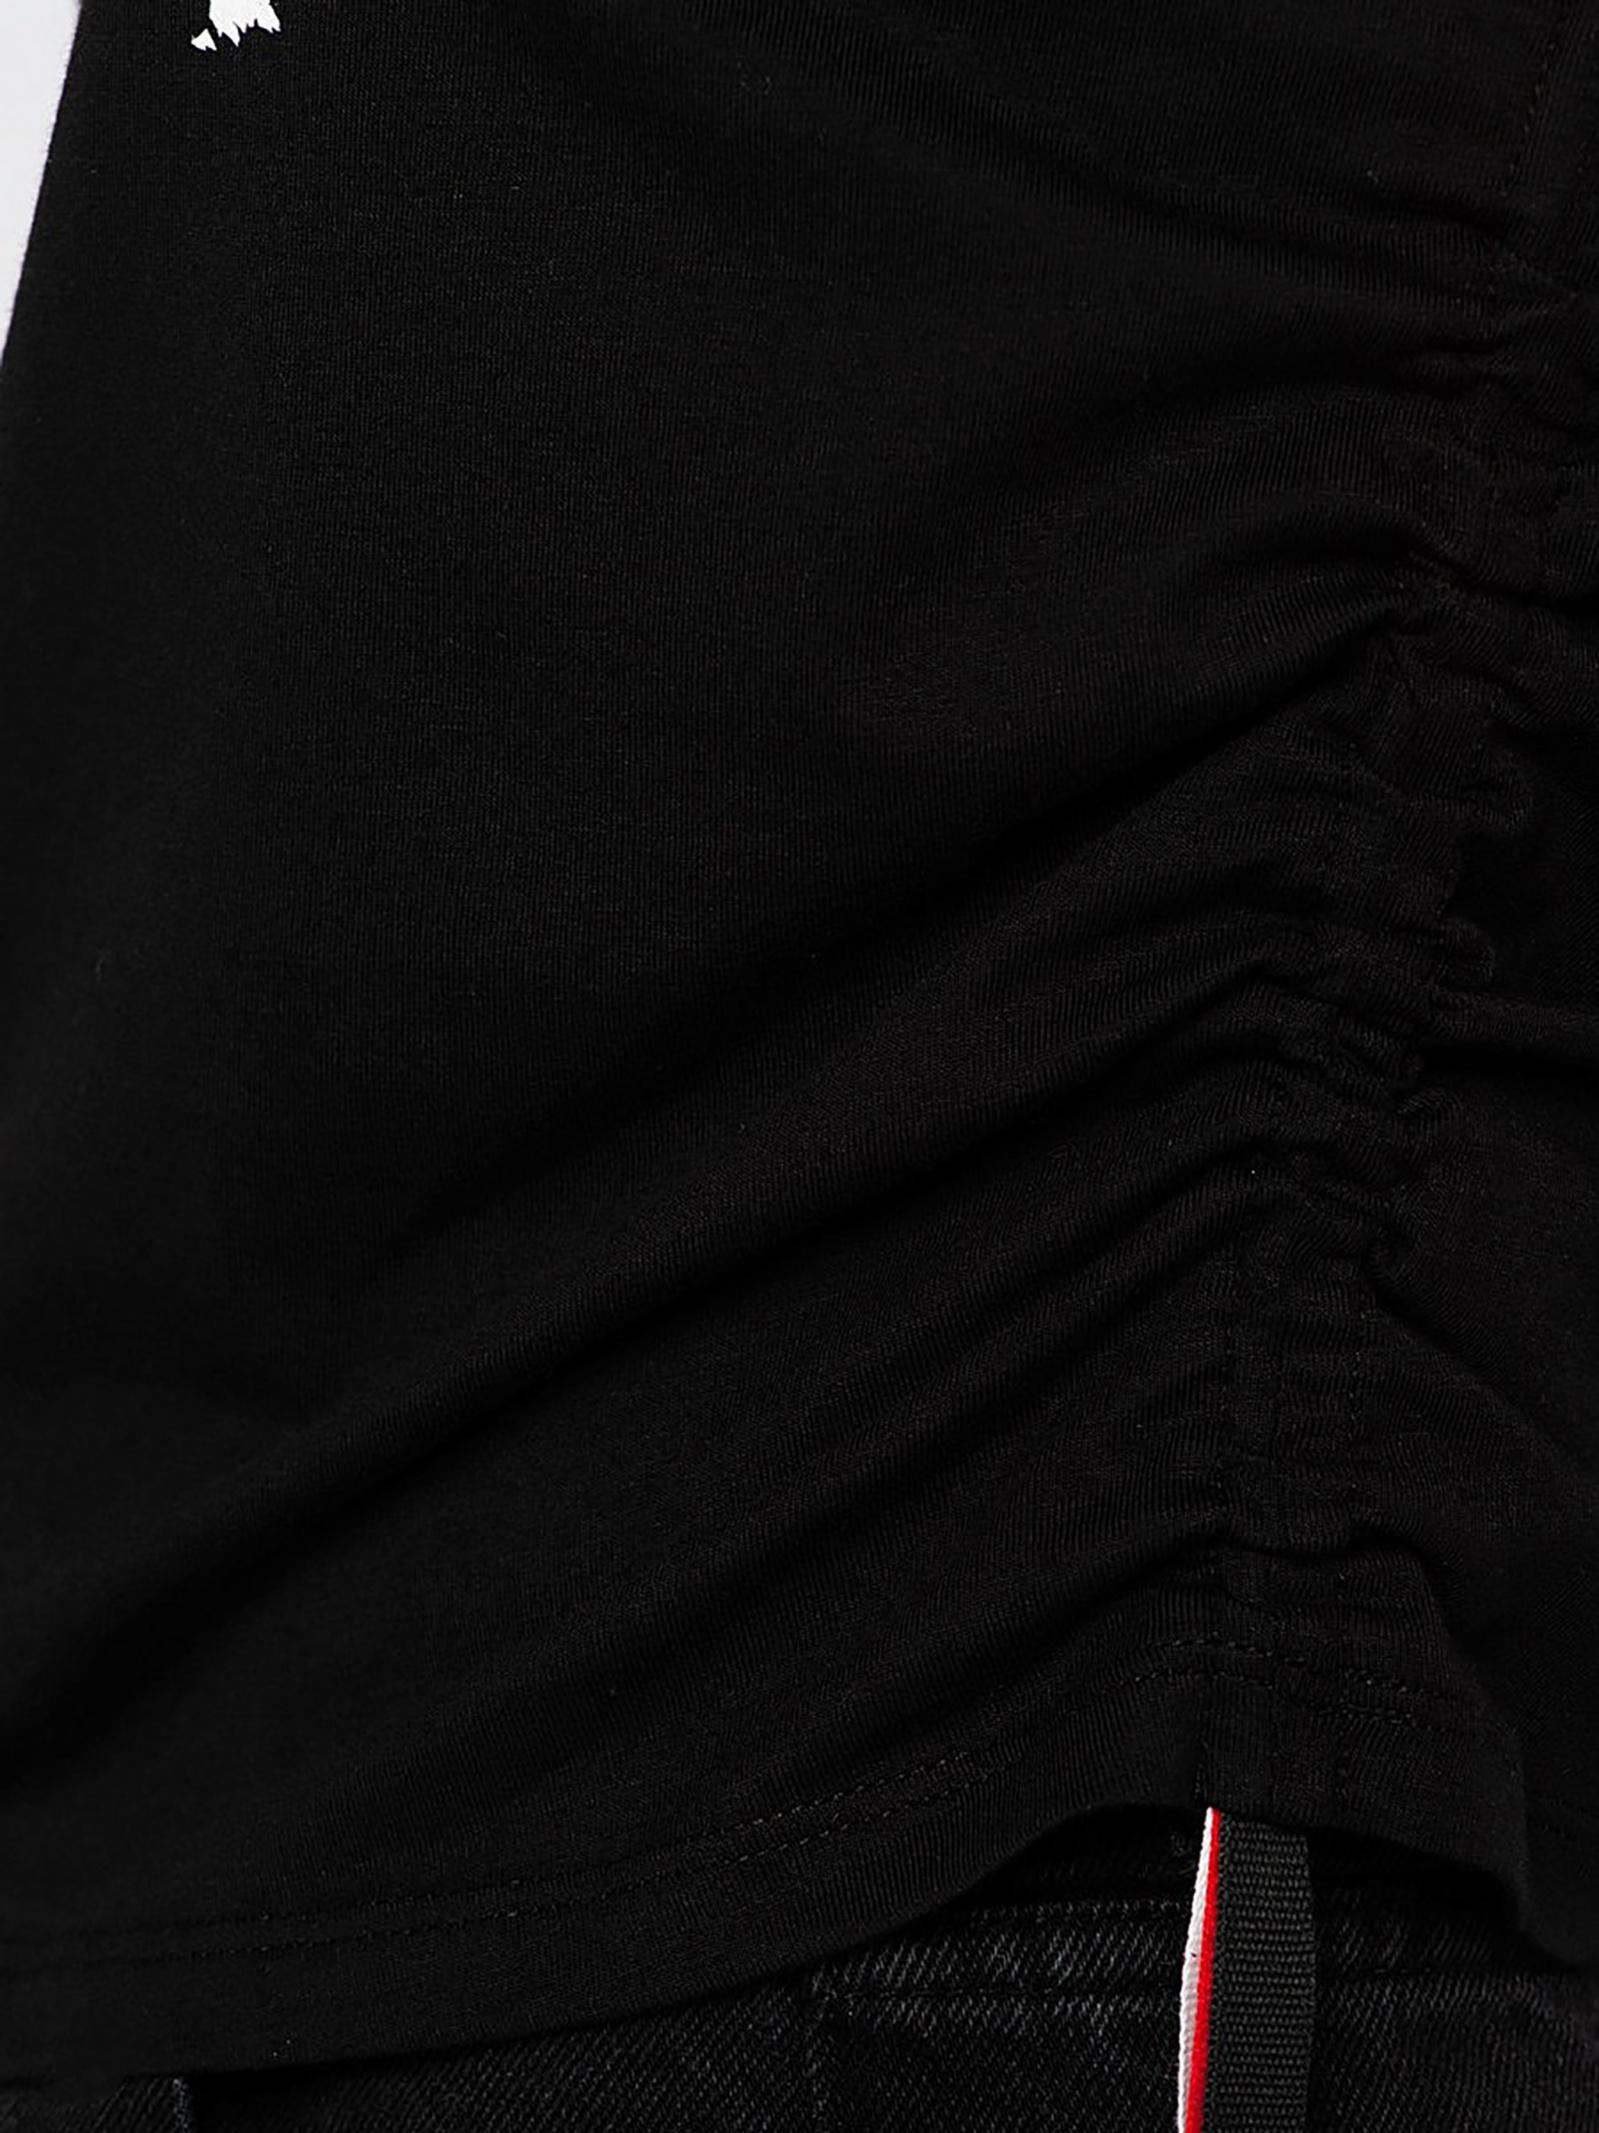 MEXX Футболка жіночі модель 73658-300002 якість, 2017